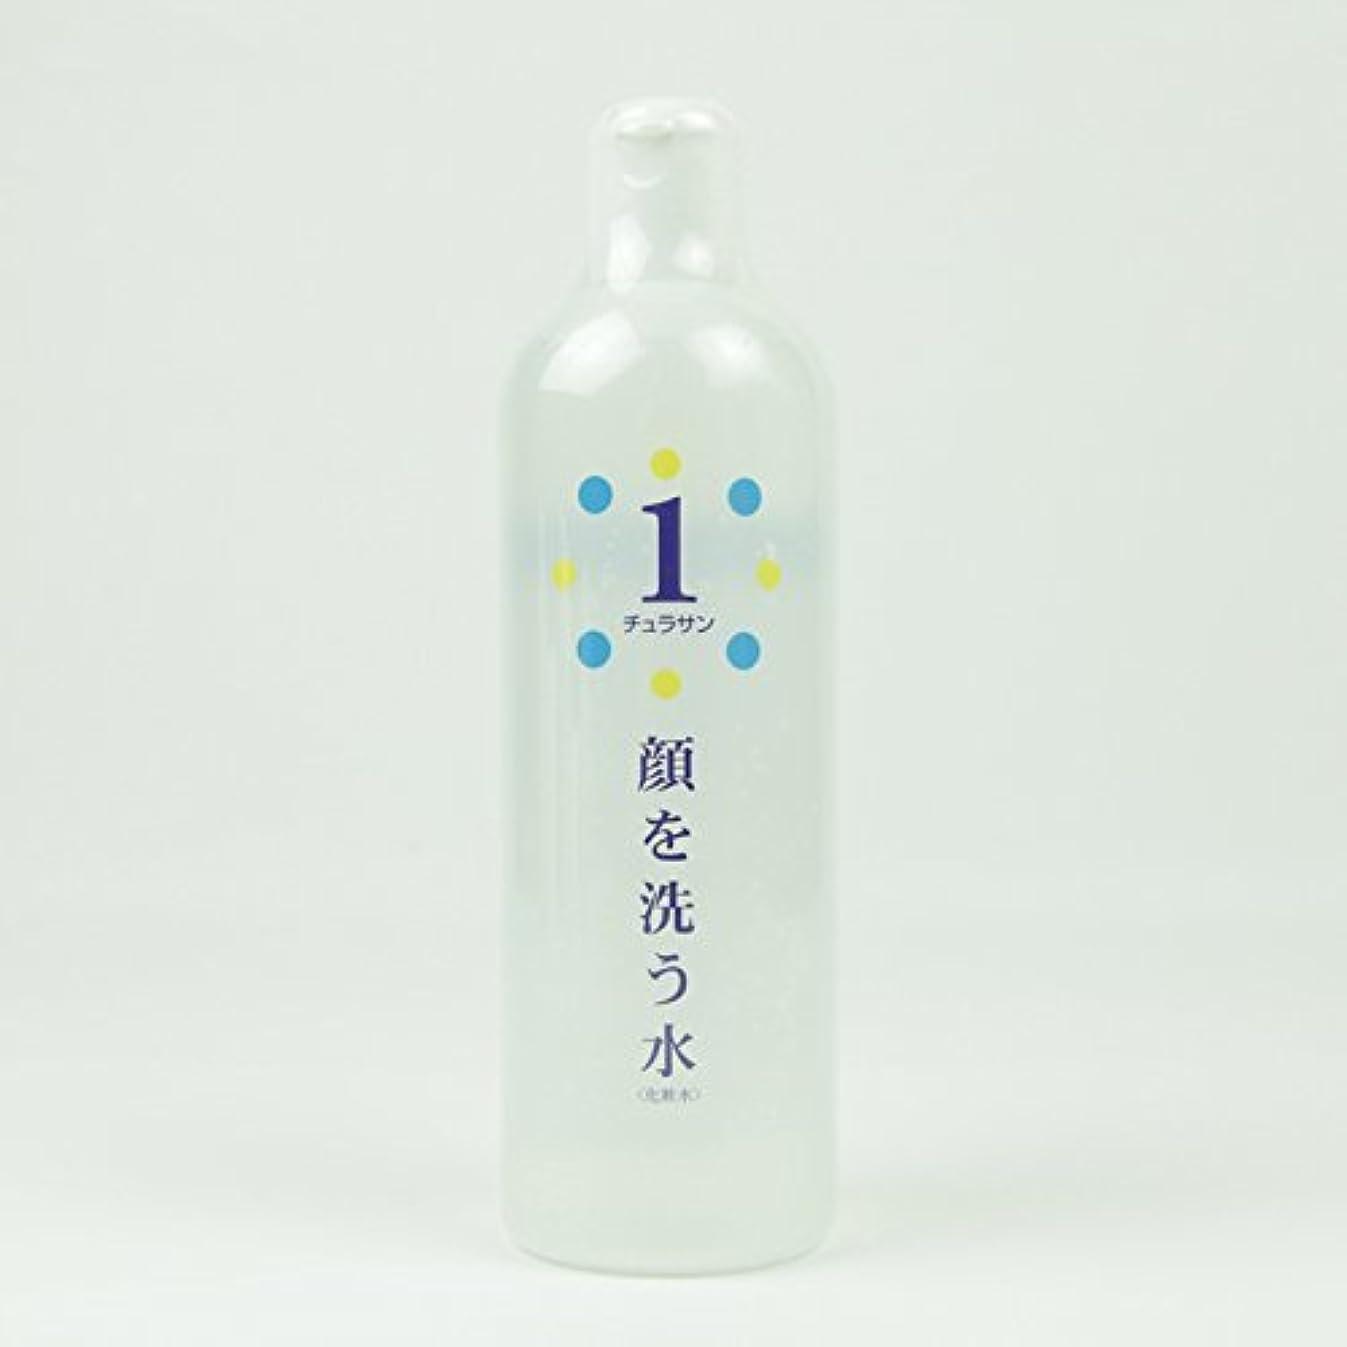 識別死ぬ疑いチュラサン1 【顔を洗う水】 500ml